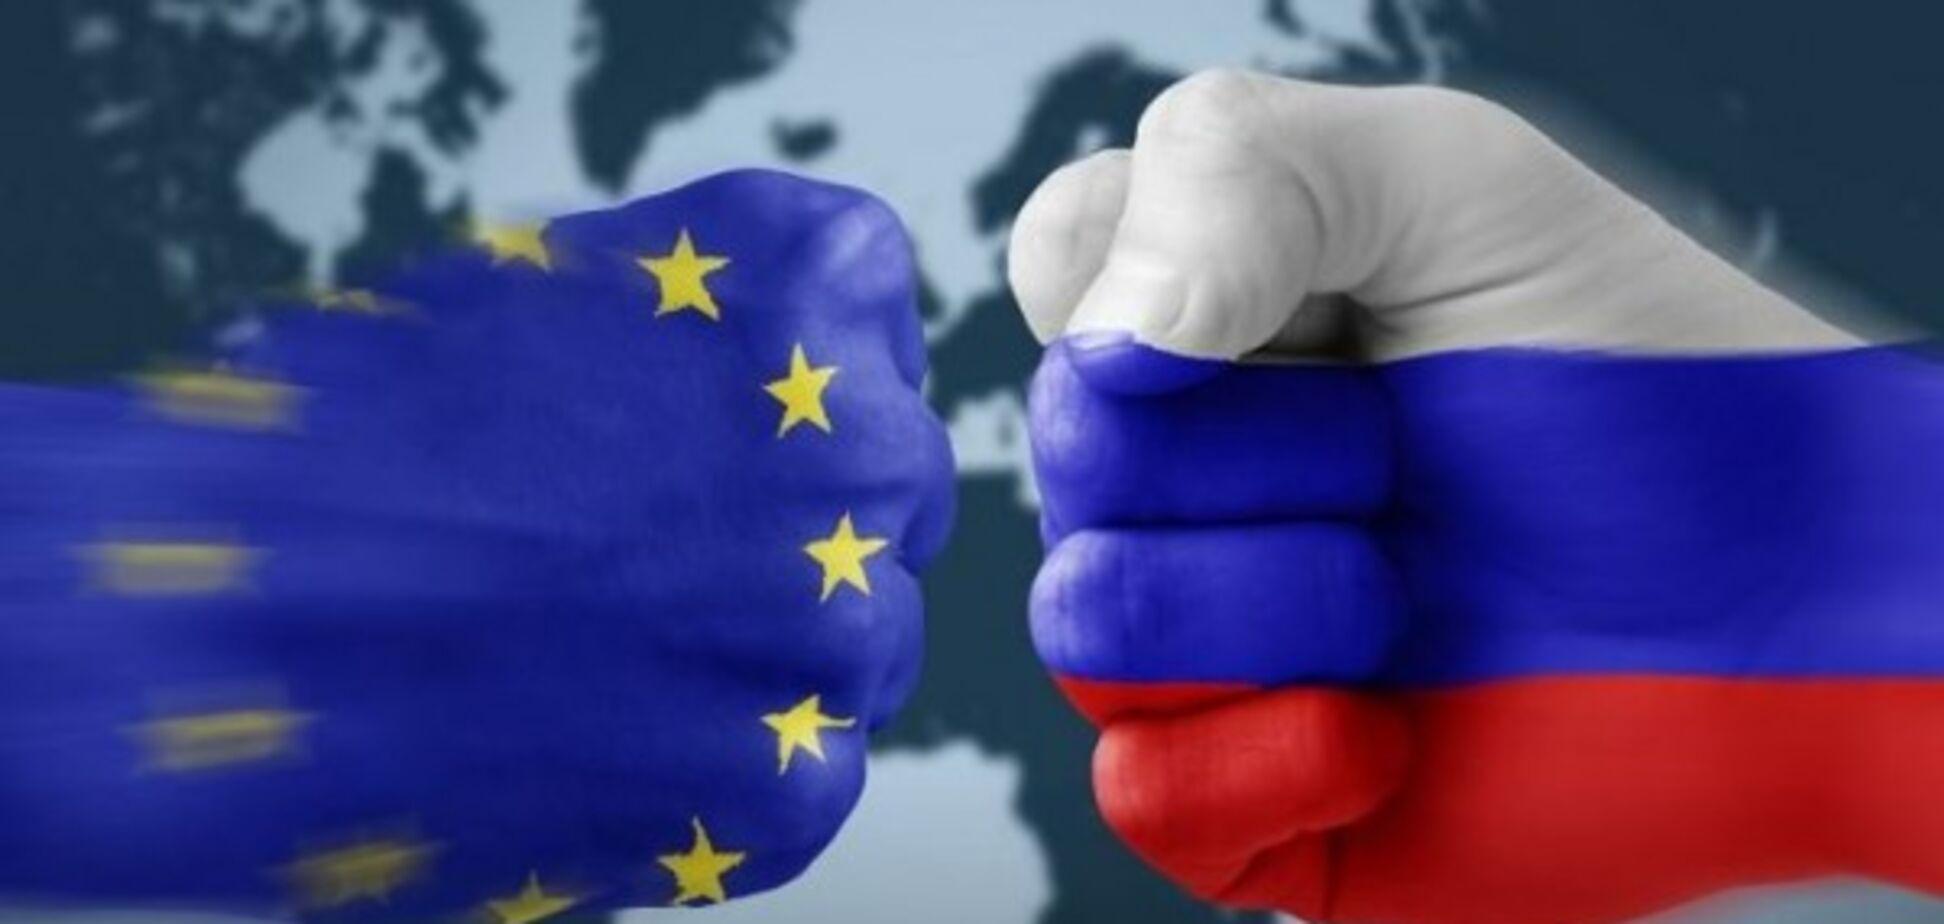 Евросоюз не состоялся и распадется